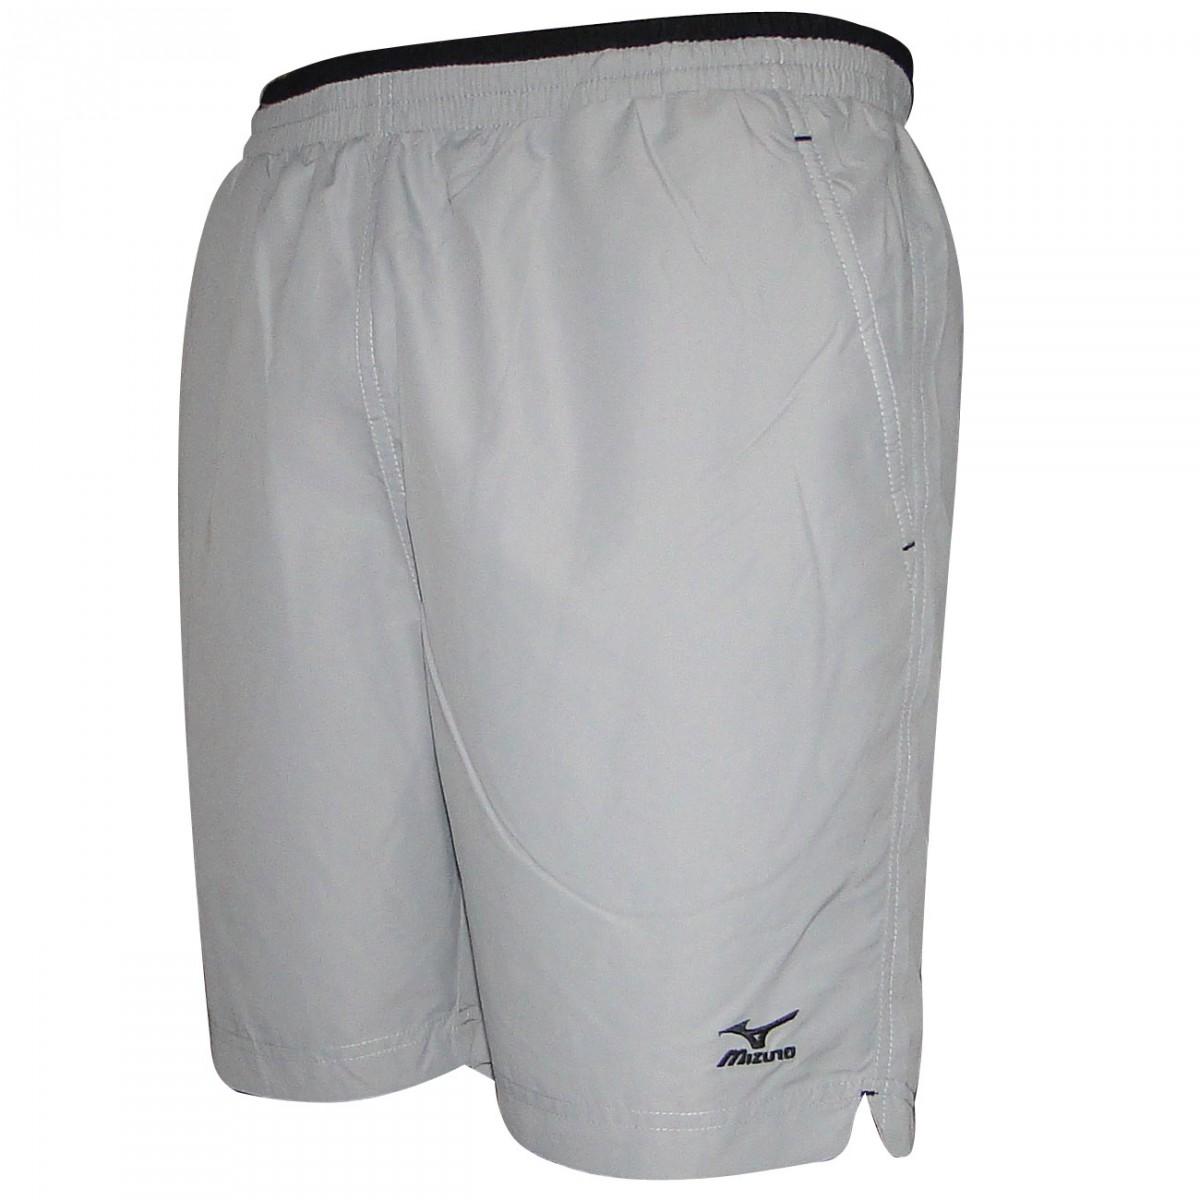 Bermuda Mizuno Tennis Master 4005604 0318 - CINZA PRETO - Chuteira Nike 3077428354825